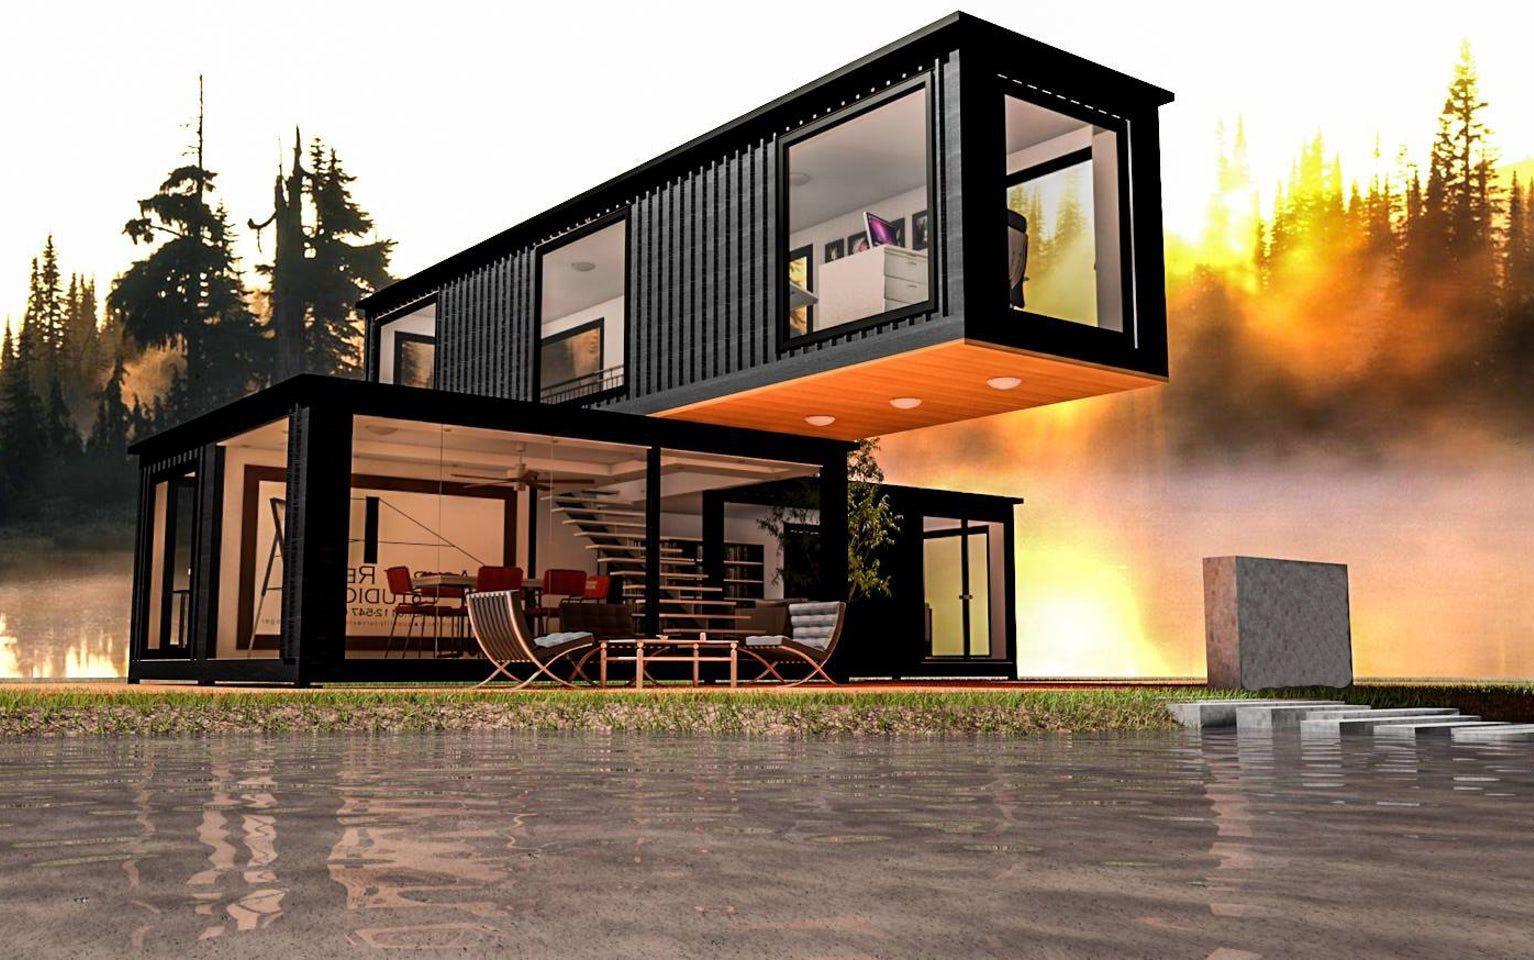 Container Haus Die schönsten Containerhäuser des Jahres